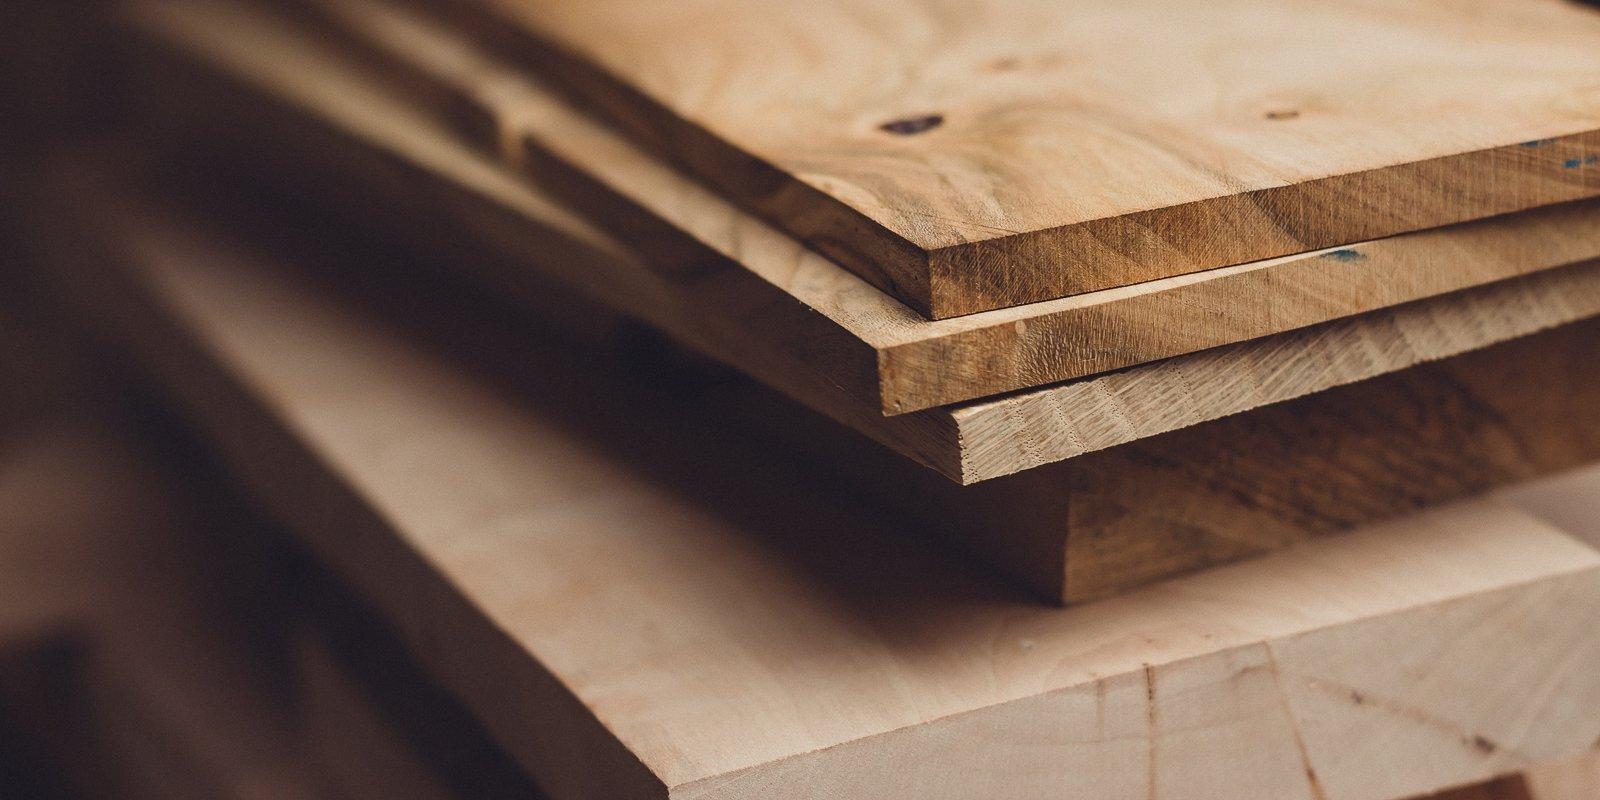 Kokmateriālu cenām straujš kāpums; sadārdzinās mēbeles un moduļu mājas